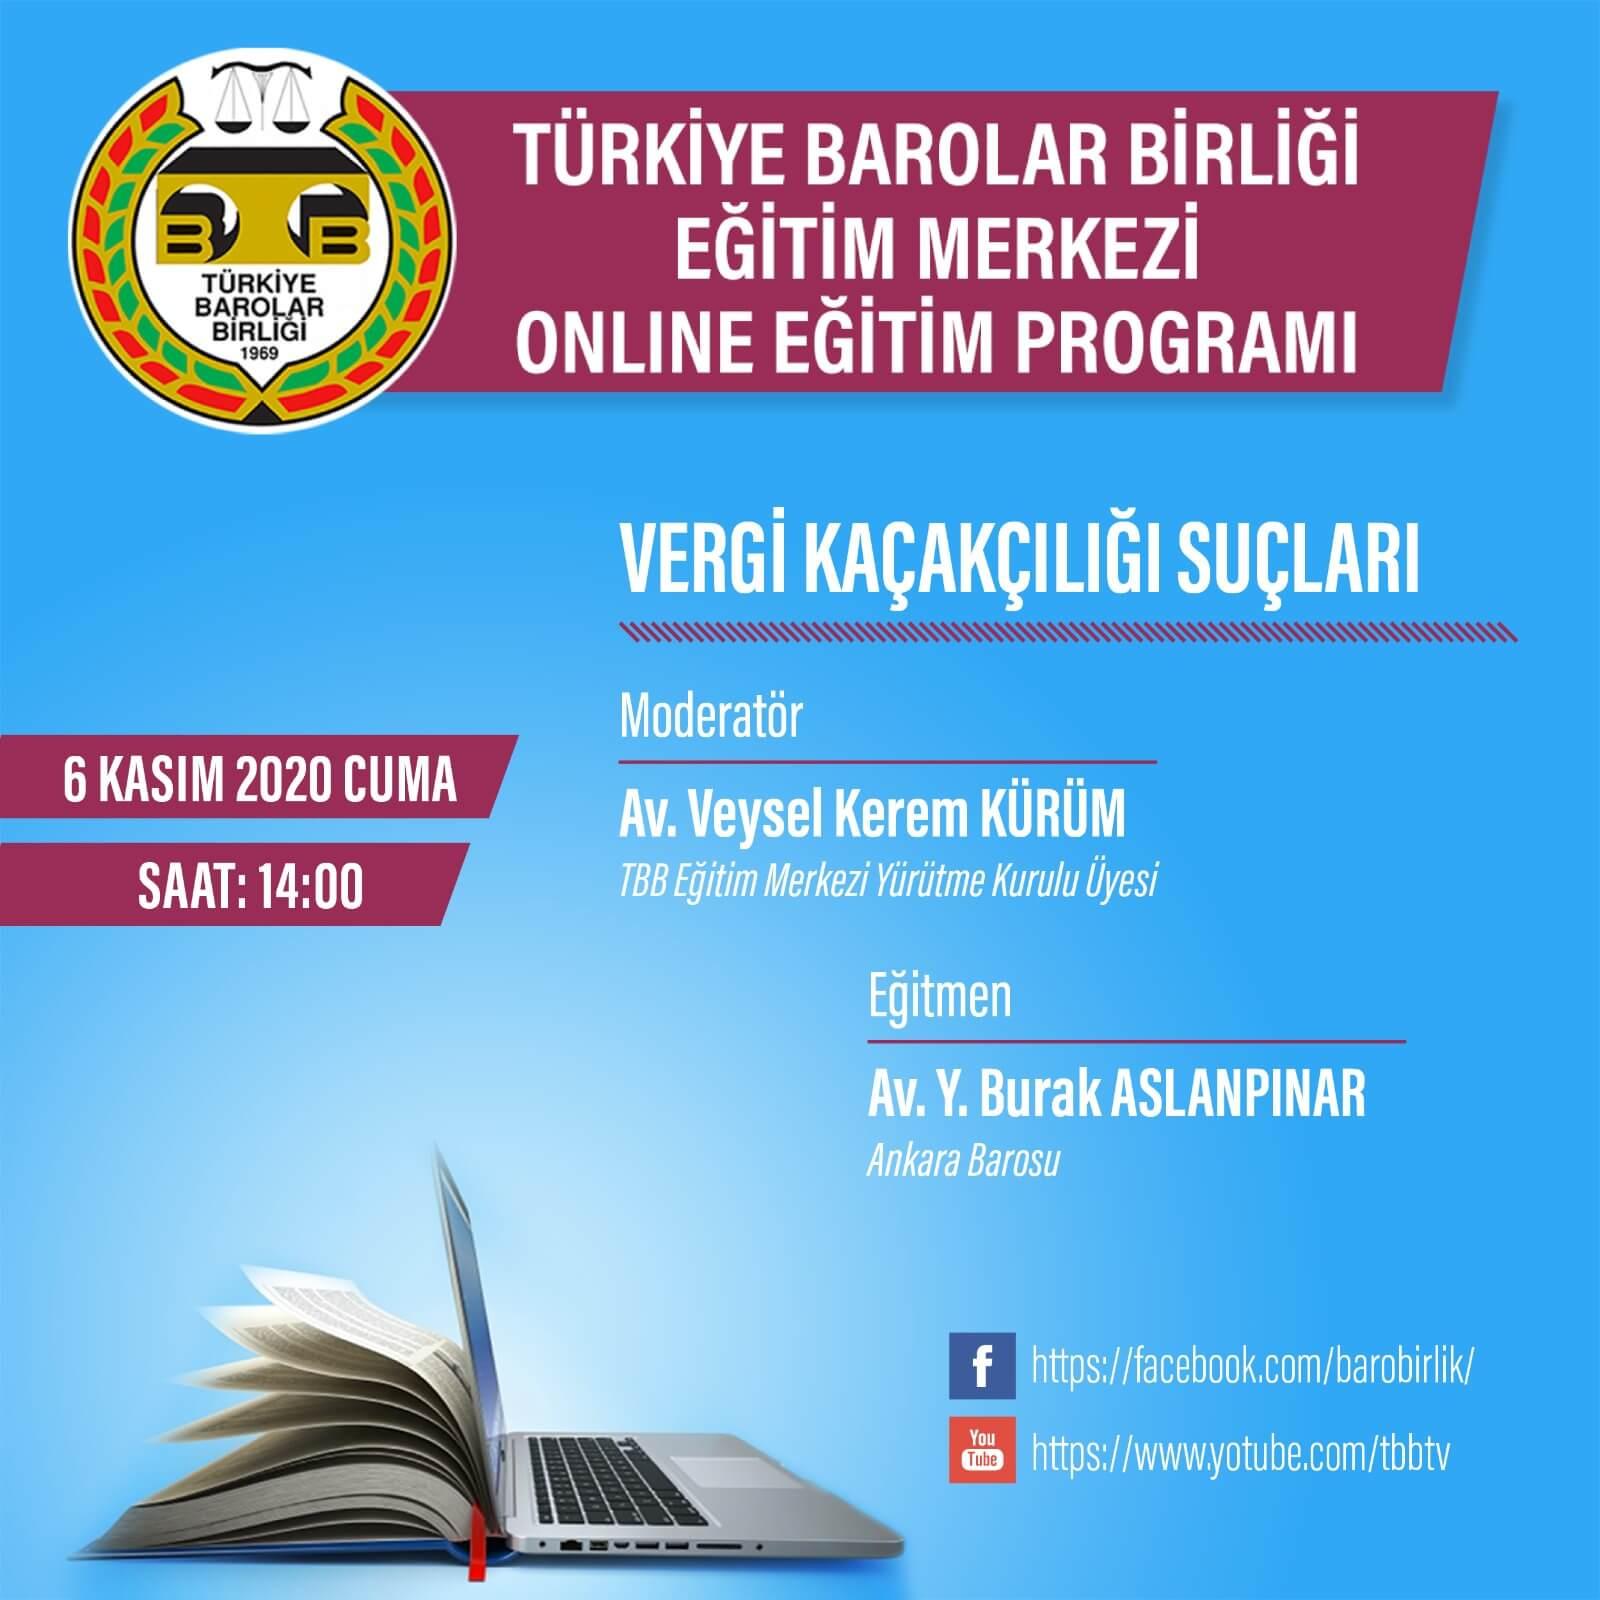 TBB Eğitim Merkezi Online Eğitim